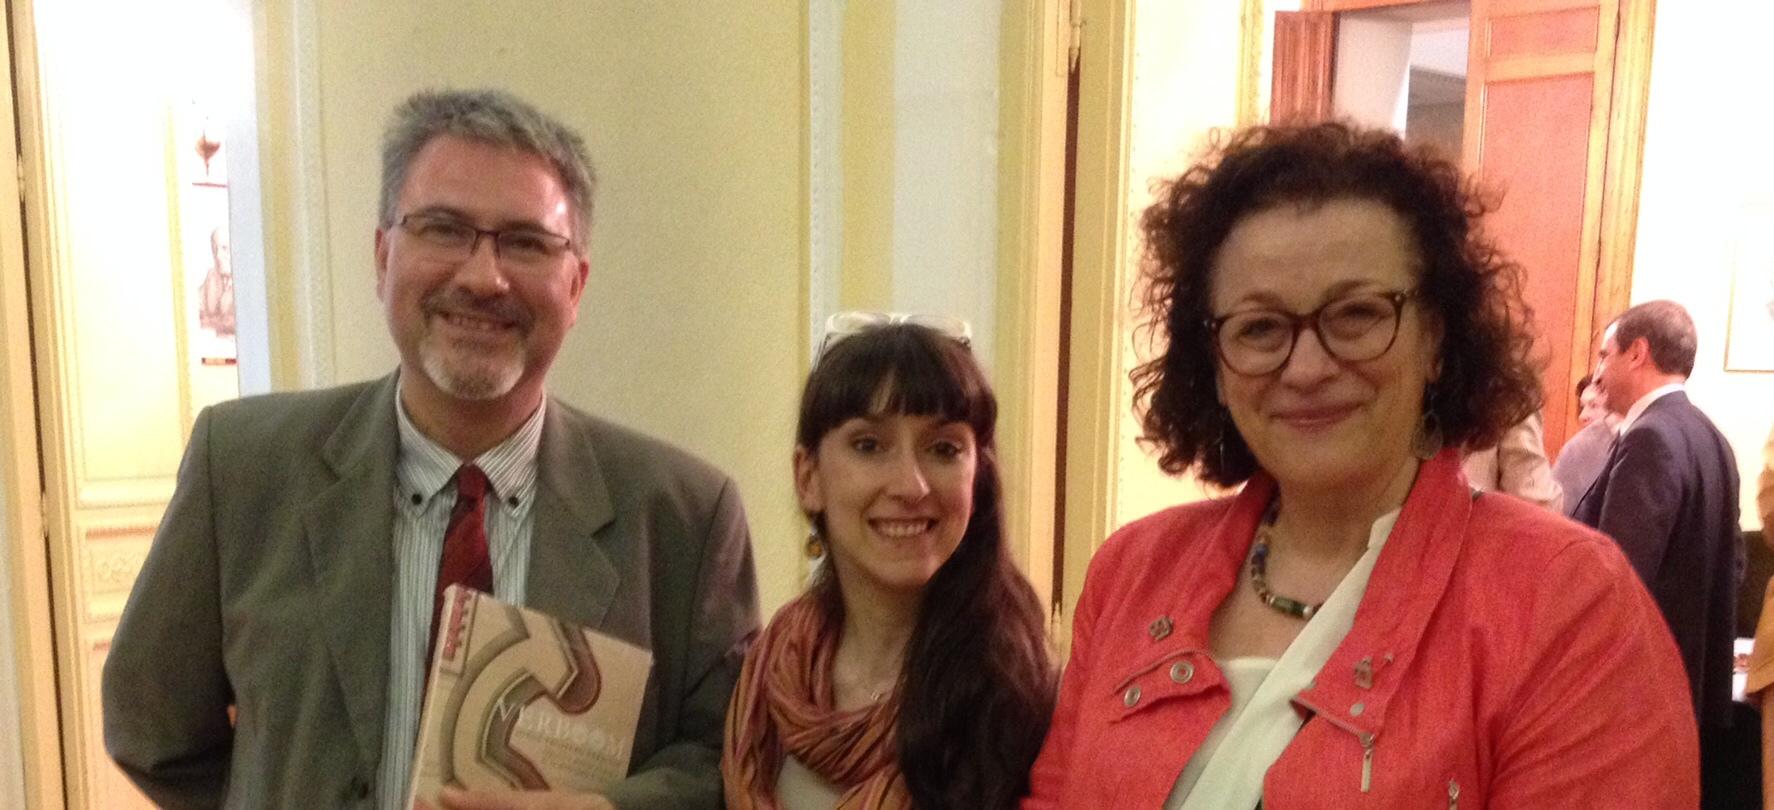 Juan Miguel Muños Corbalán, Margarita Vázquez y Alicia Cámara